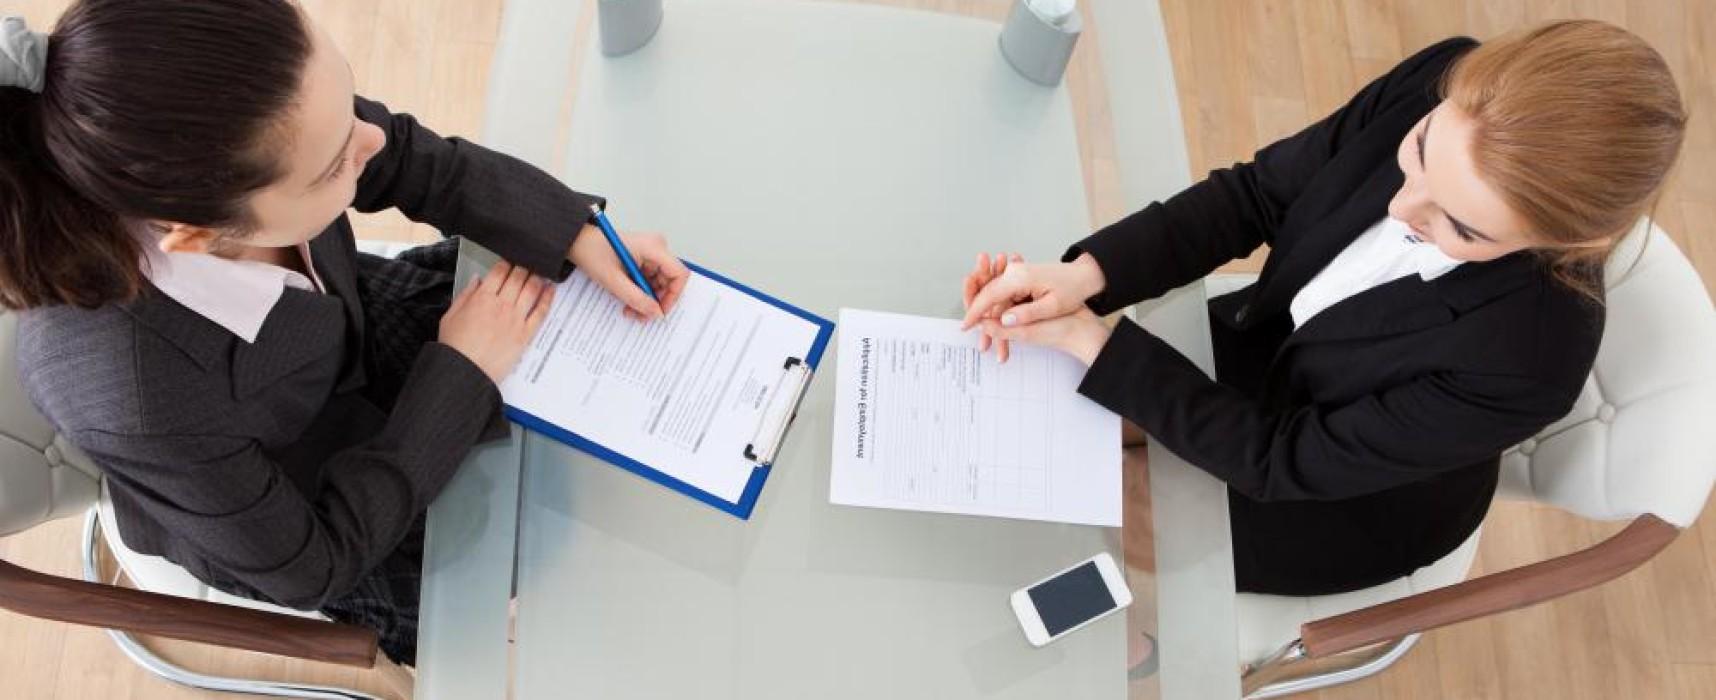 Когда психиатрическое обследование является обязательным условием при устройстве на работу и суть процесса его прохождения